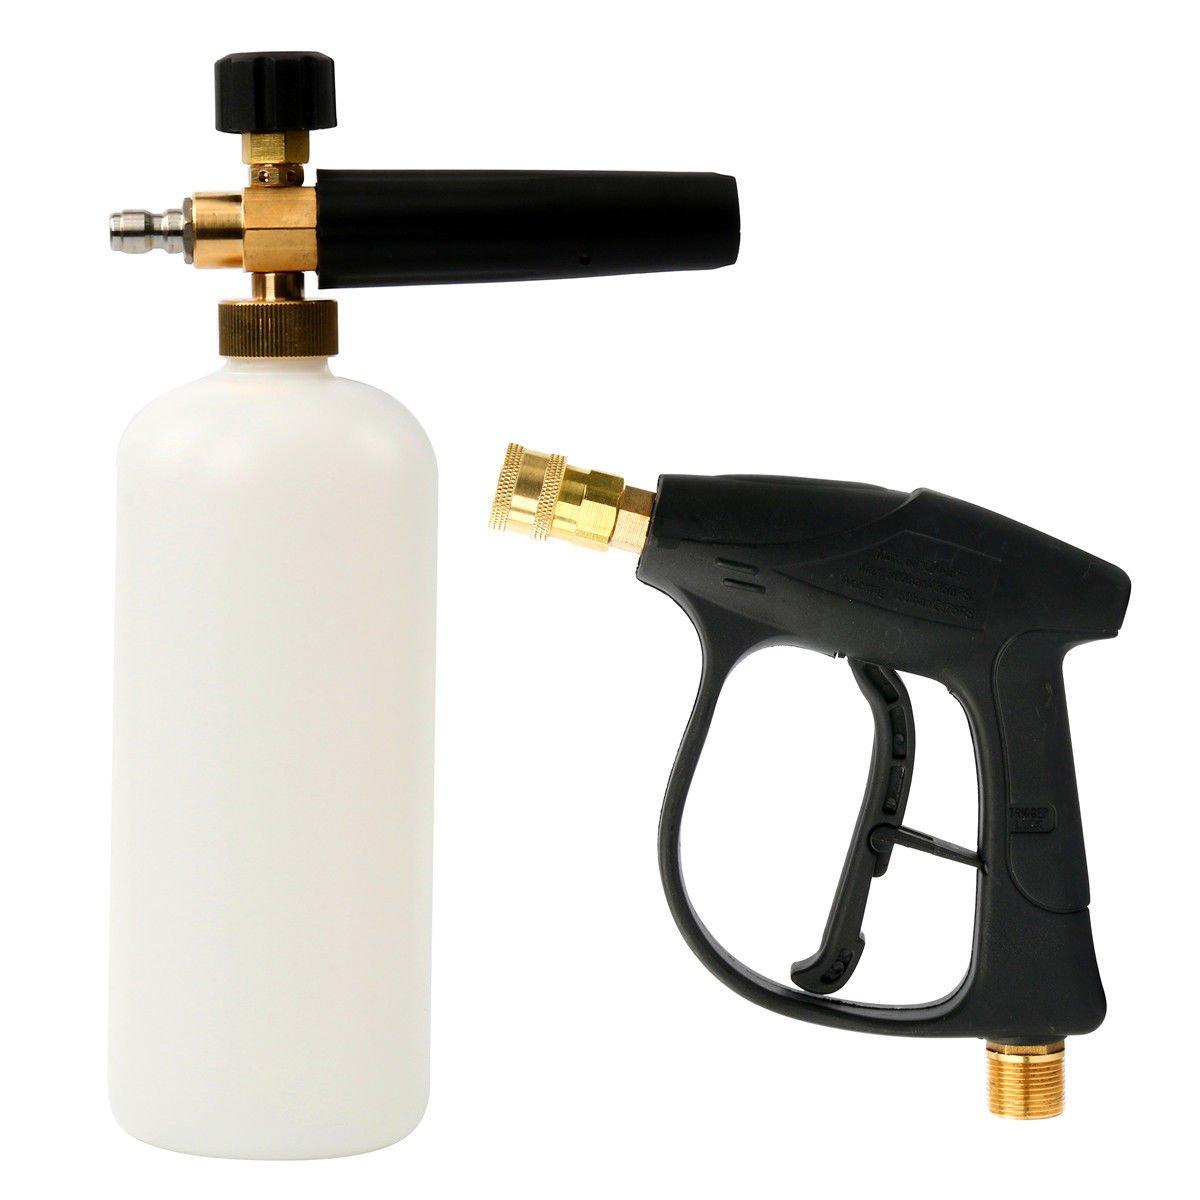 TOOGOO 1/4 inch Pressure Snow Foam Washer Jet Car Wash Adjustable Lance Soap Spray with Pressure Washer Gun